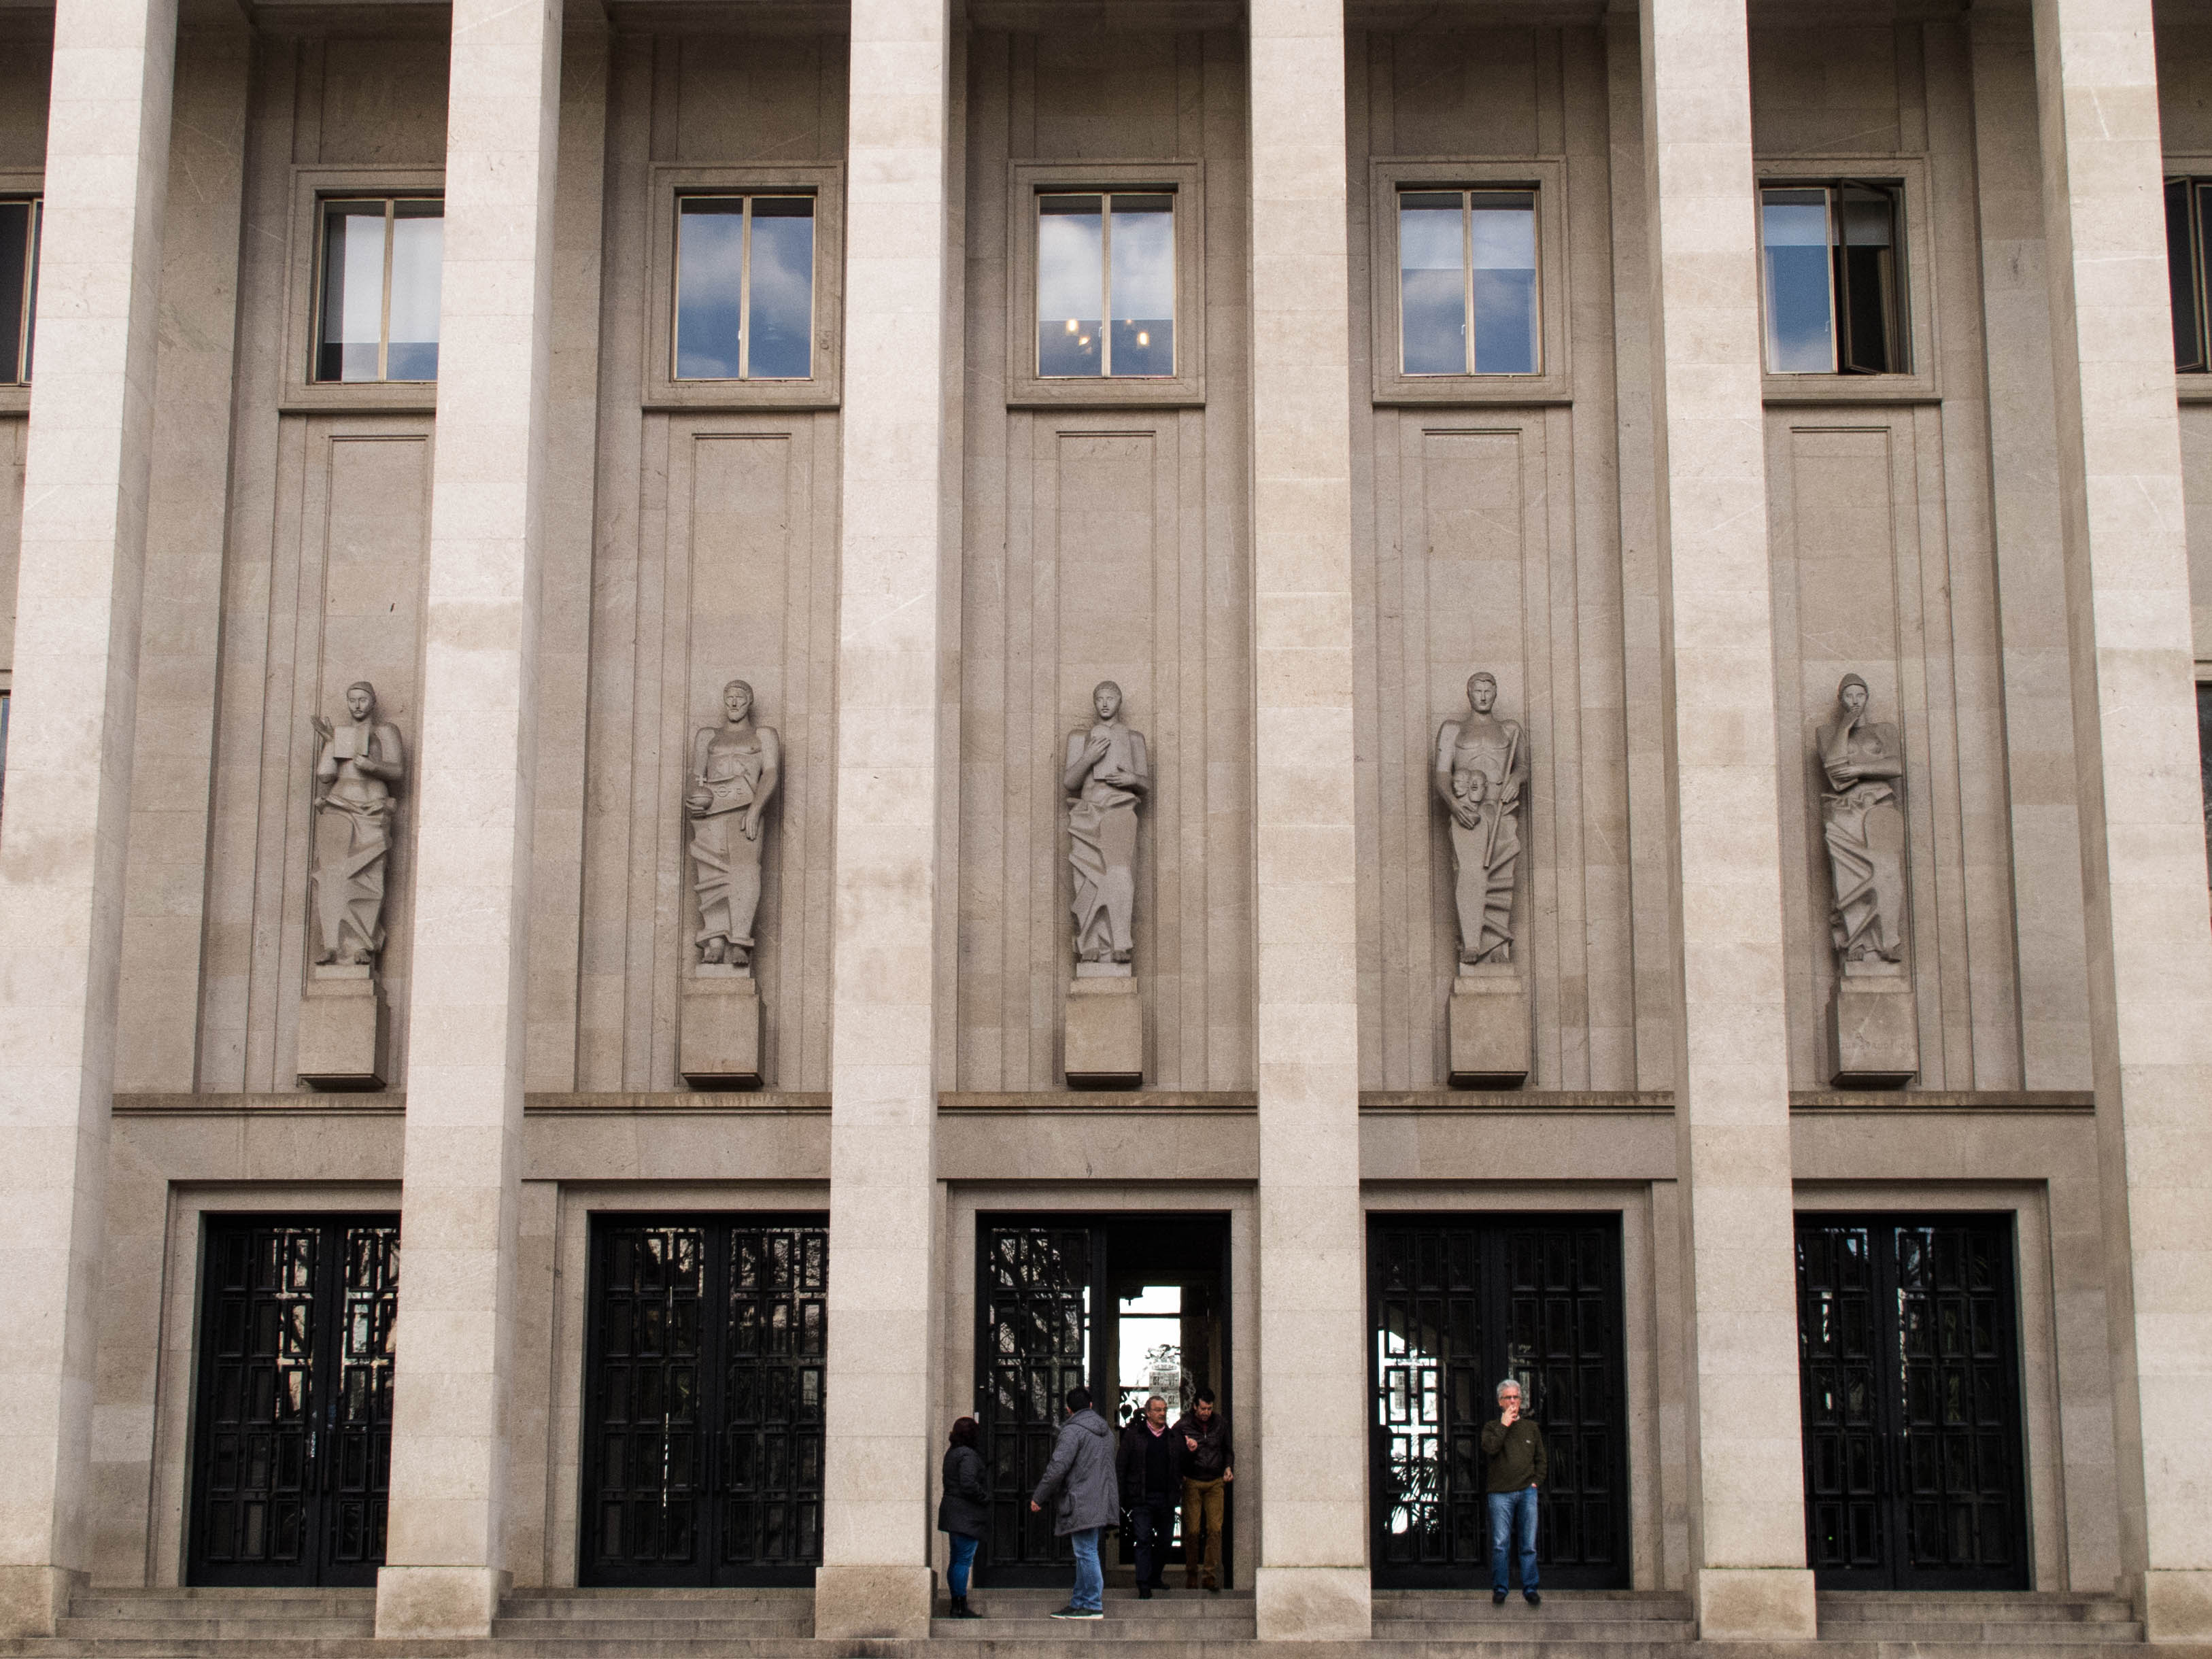 5 esculturas de Barata Feyo perfilam-se entre os pilares do Palácio da Justiça